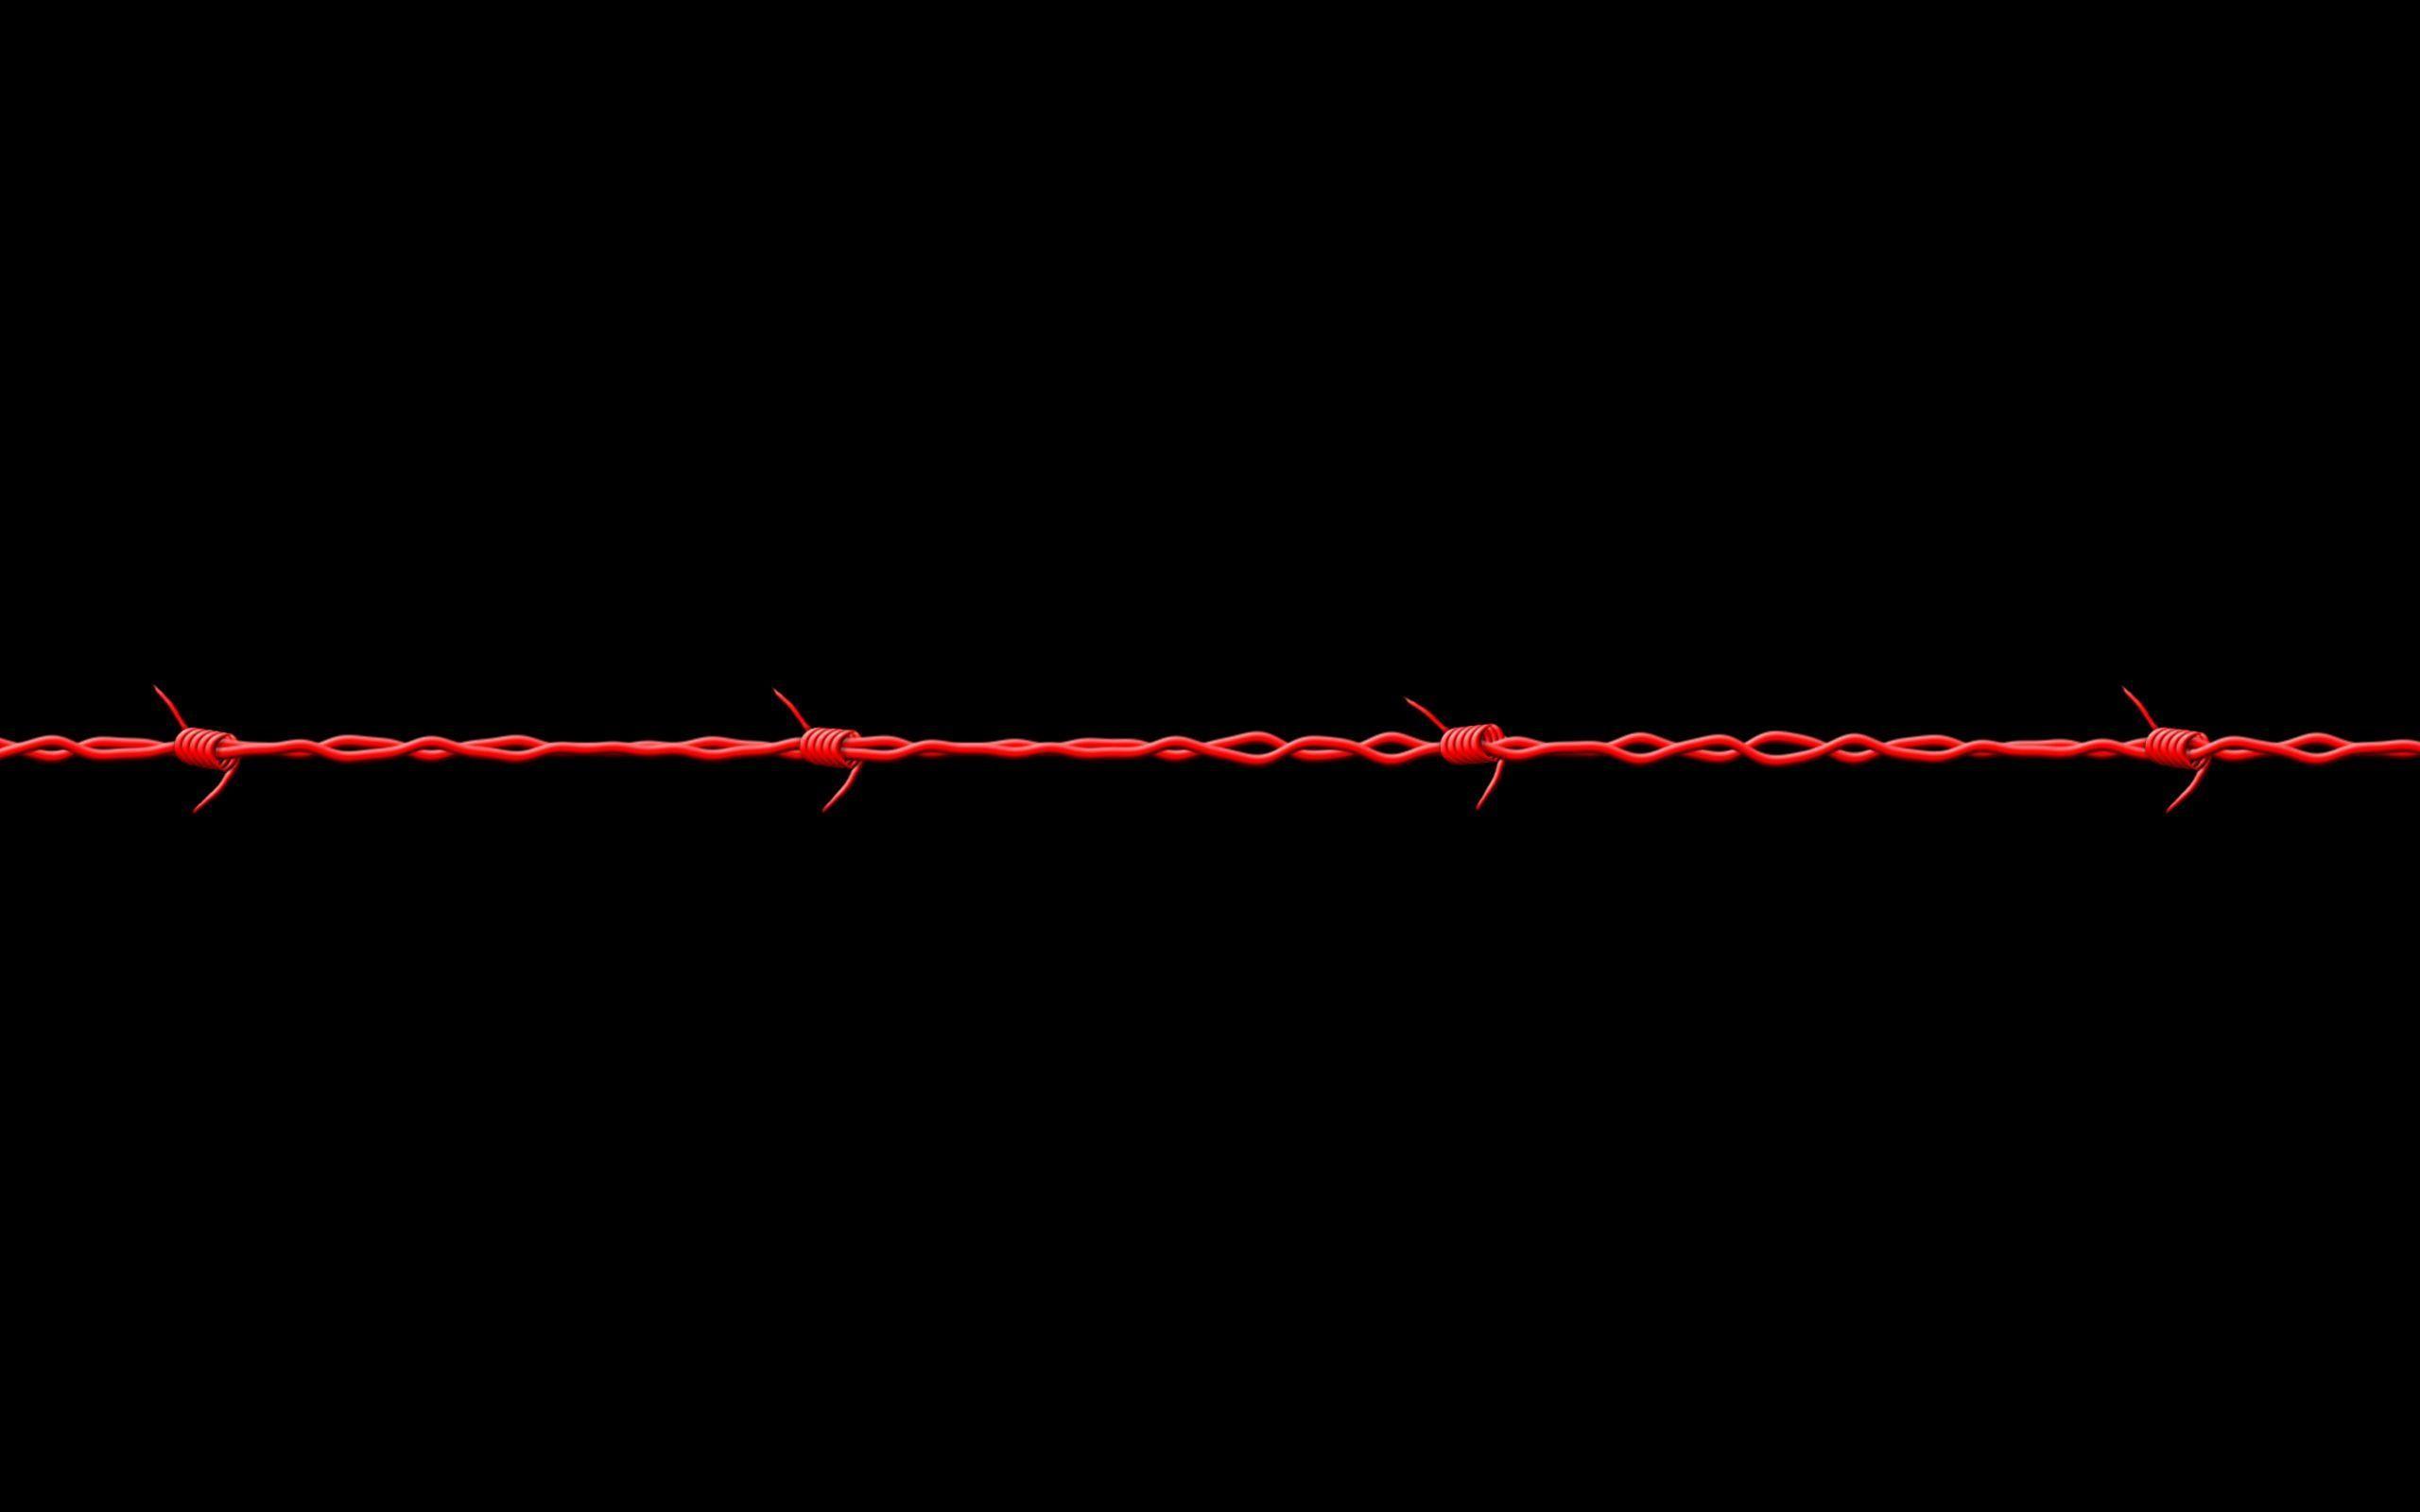 Hình nền đen và sợi thép gai đỏ